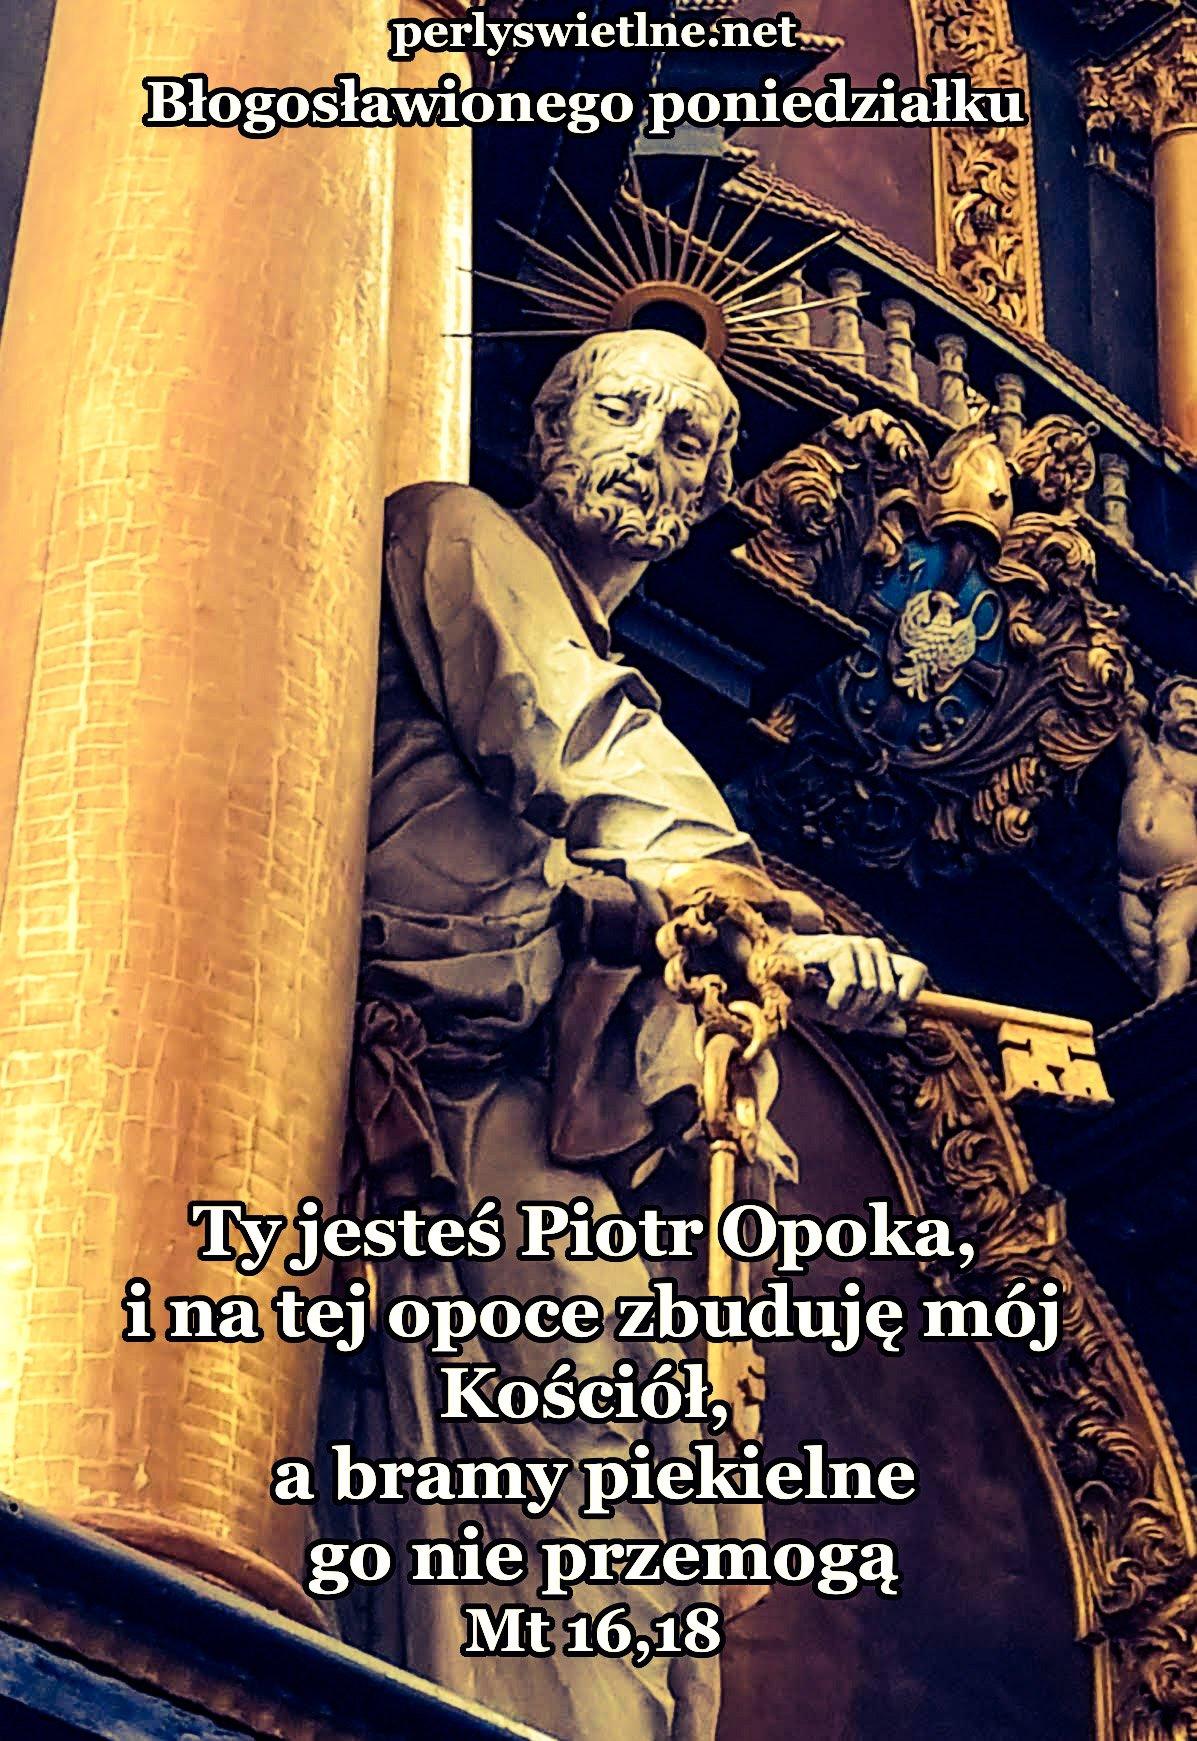 Ty jesteś Piotr [czyli Skała], i na tej Skale zbuduję Kościół mój, a bramy piekielne go nie przemogą.